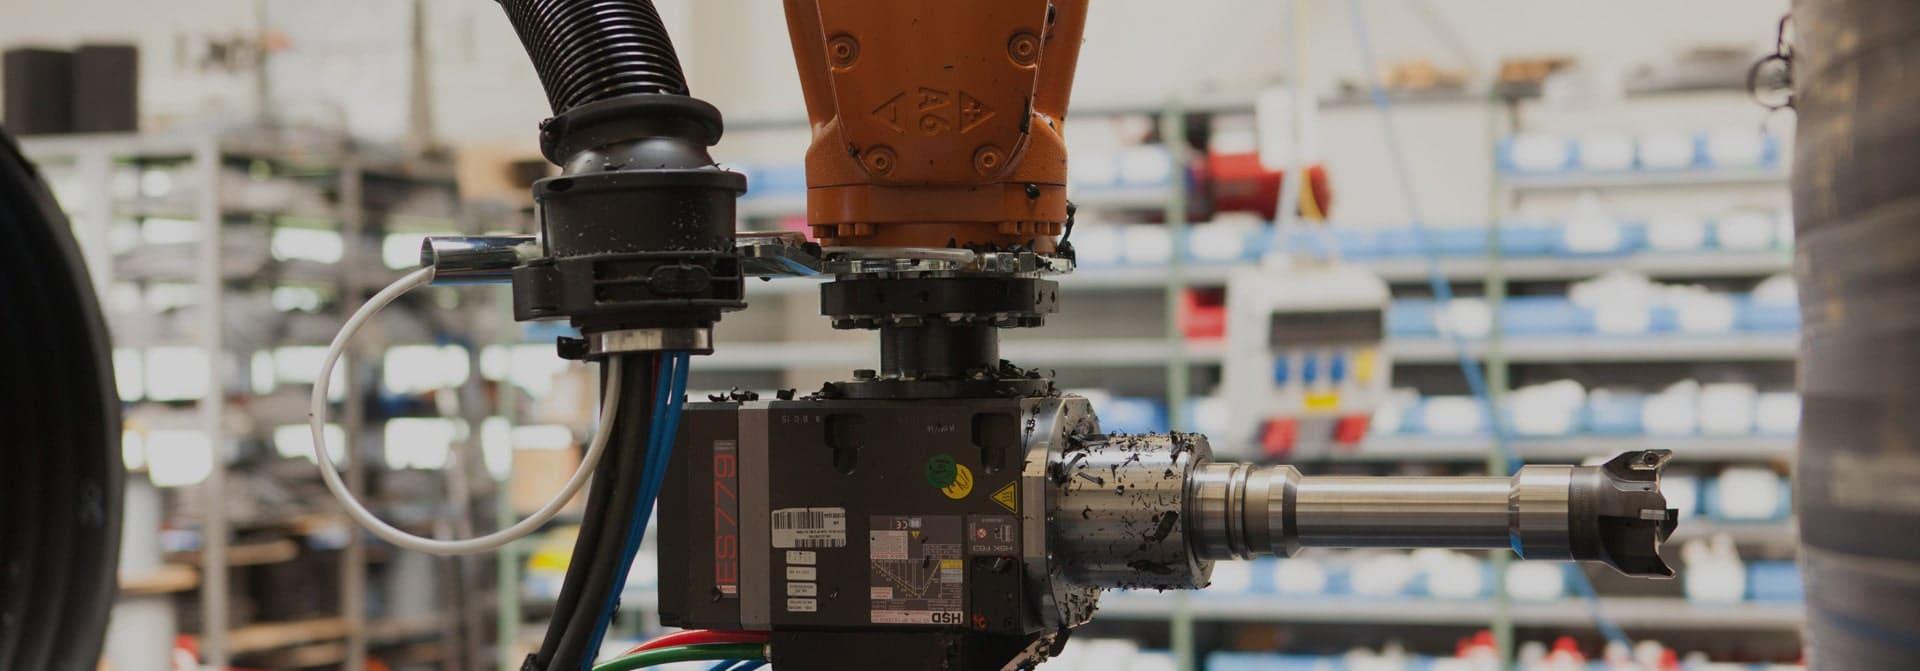 Programowanie robotów KUKA, YASKAWA